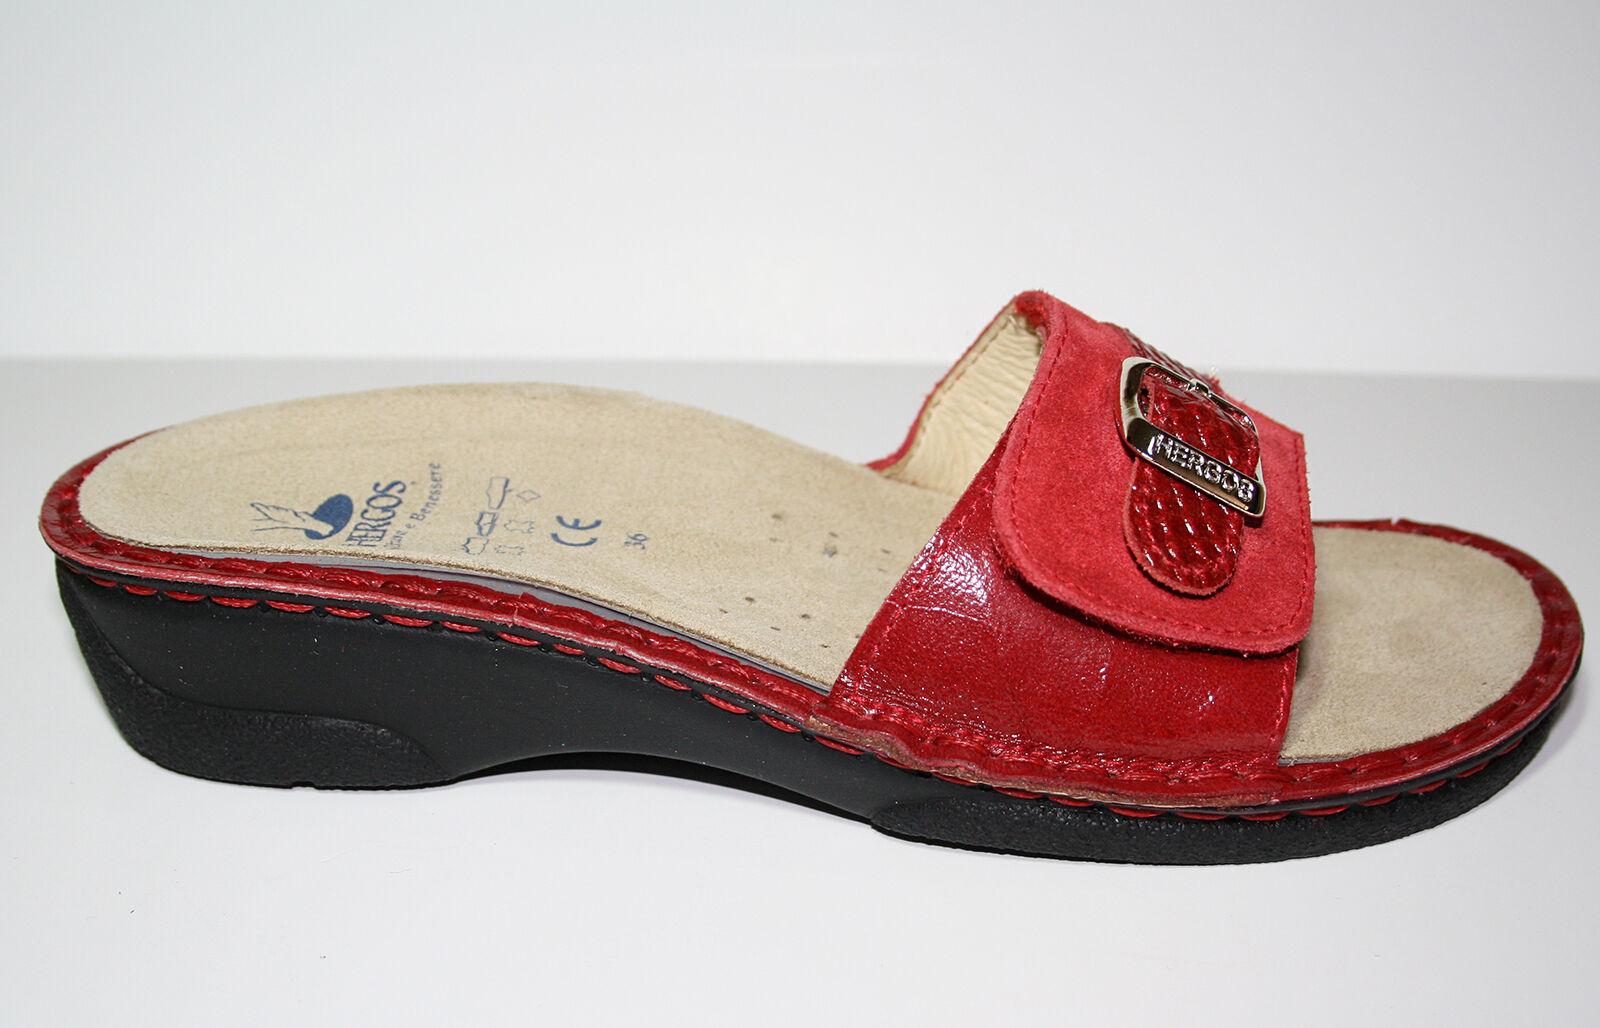 Hergos H340 Damenschuhe Pantofola Scalzato Primavera Estate Plantare Estraibile